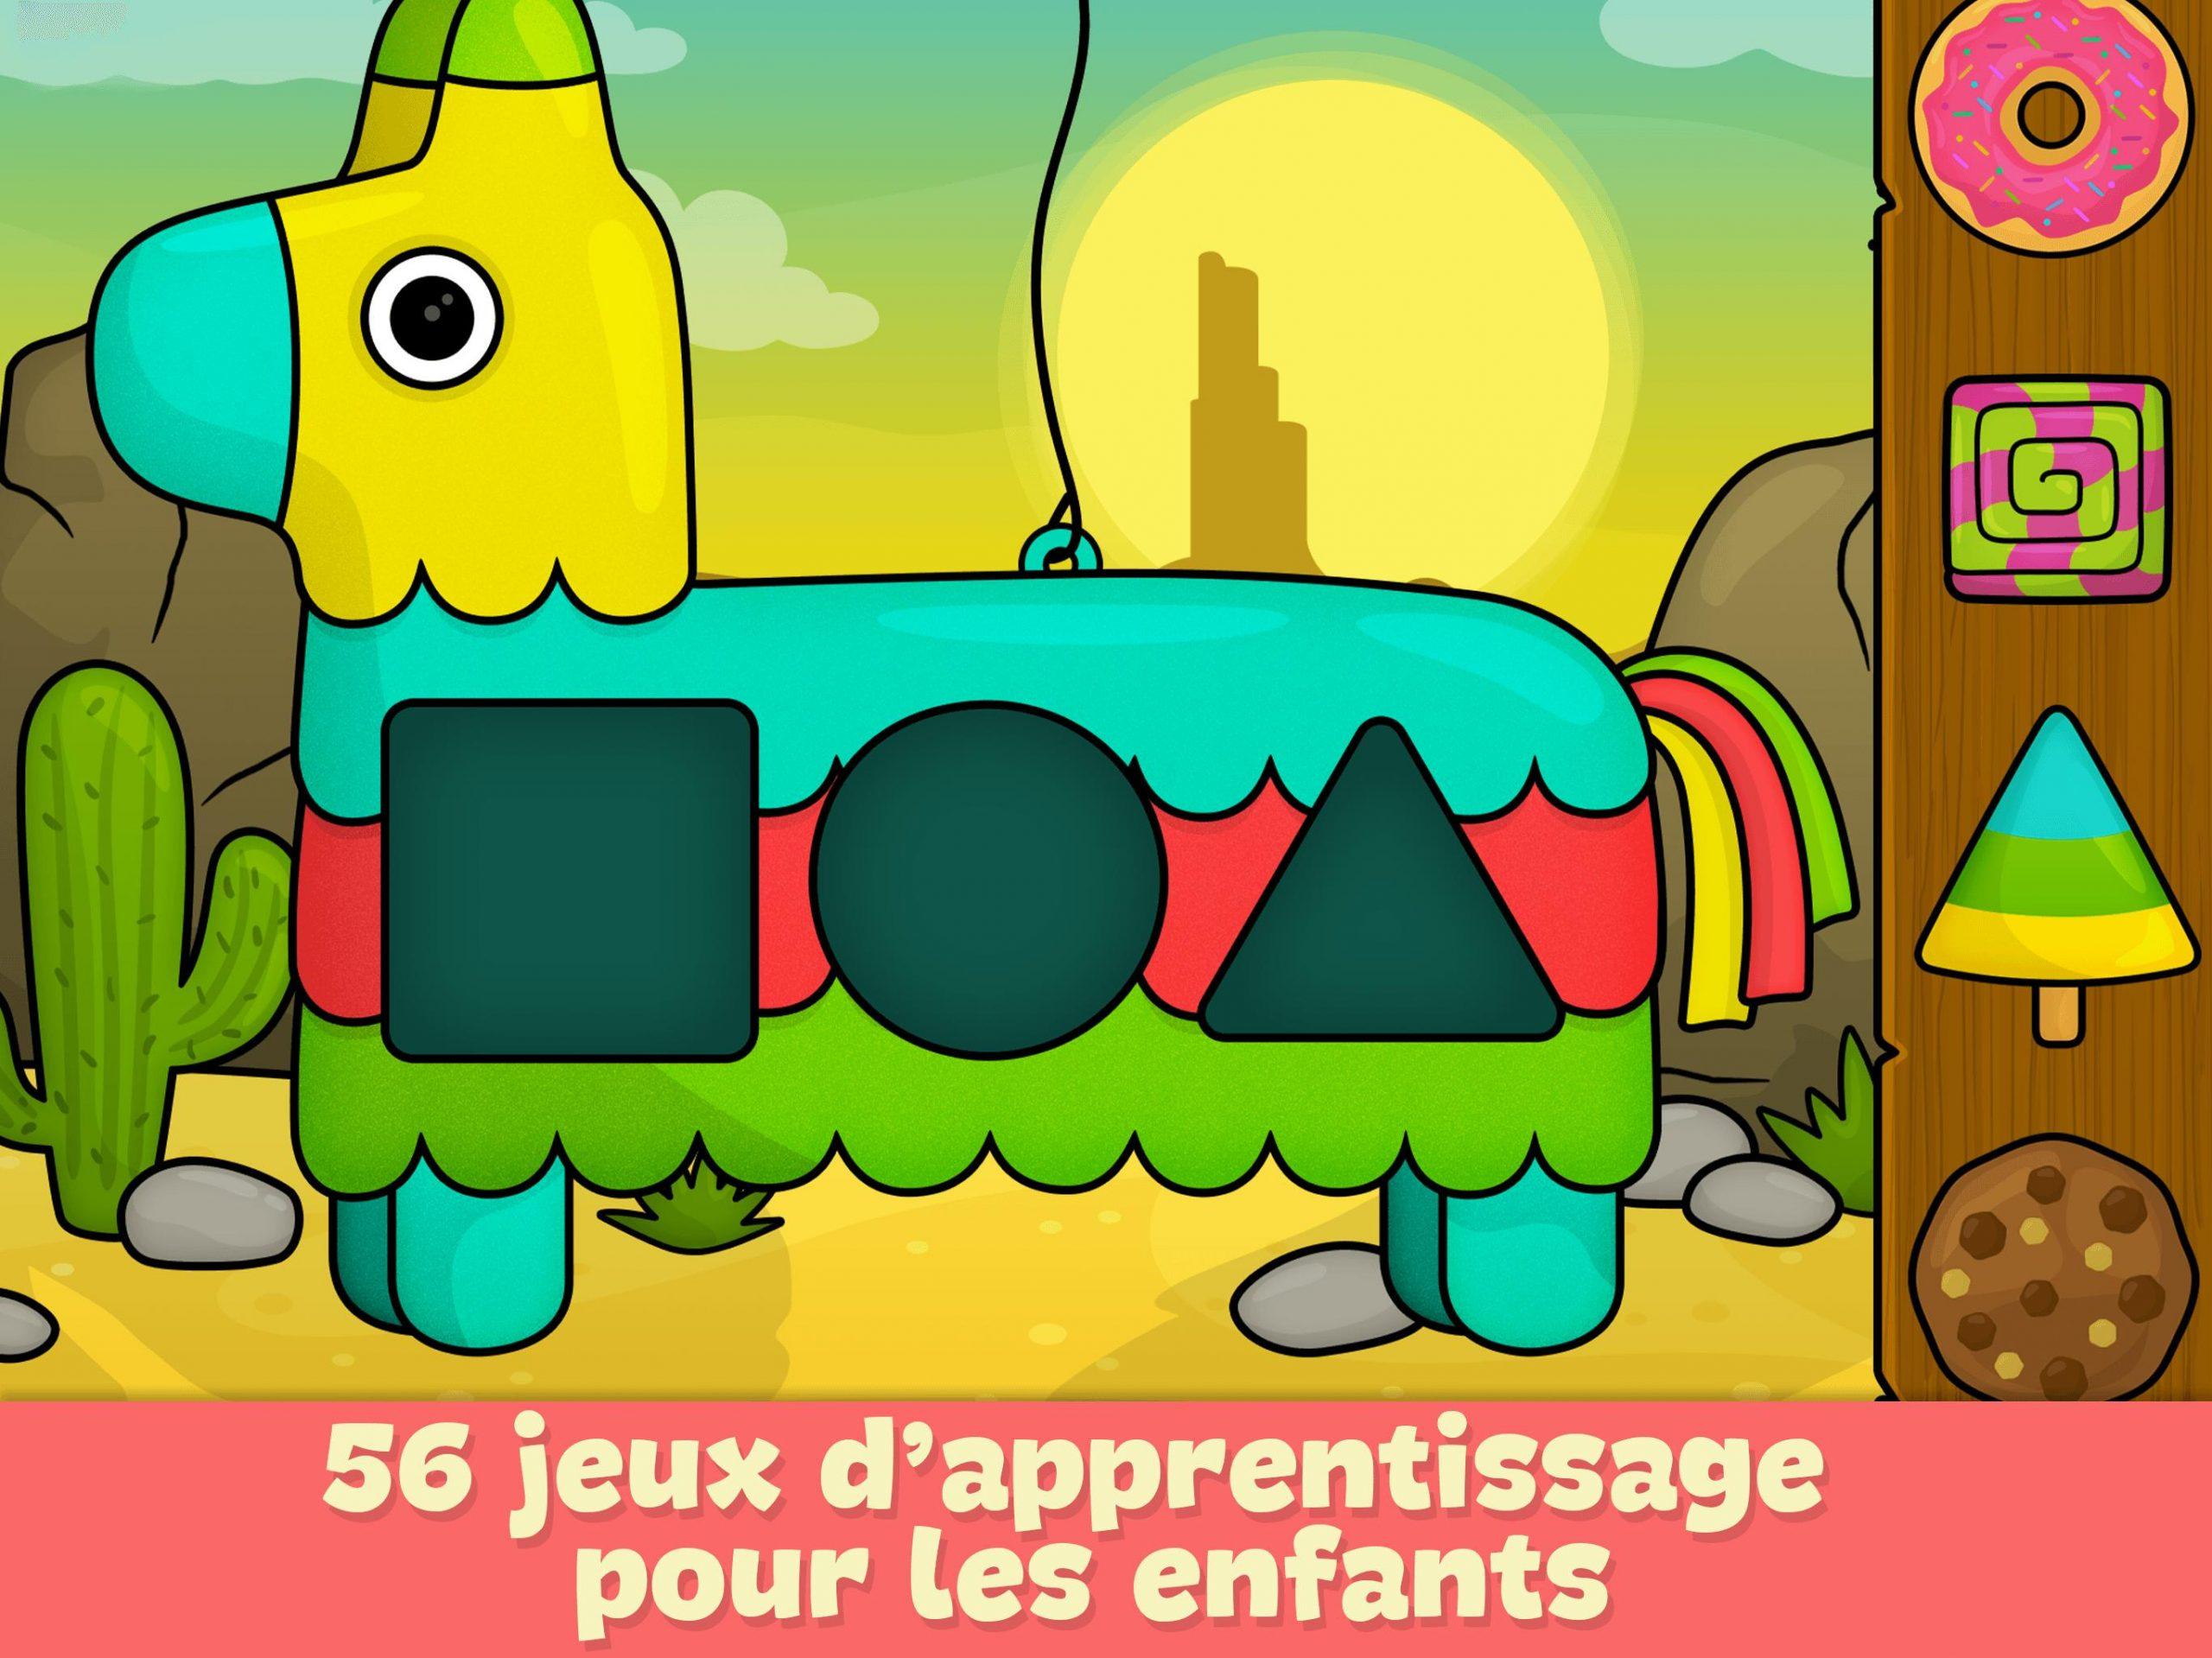 Jeux Pour Enfants 2 - 5 Ans Pour Android - Téléchargez L'apk intérieur Jeux Bébé 2 Ans Gratuit A Telecharger